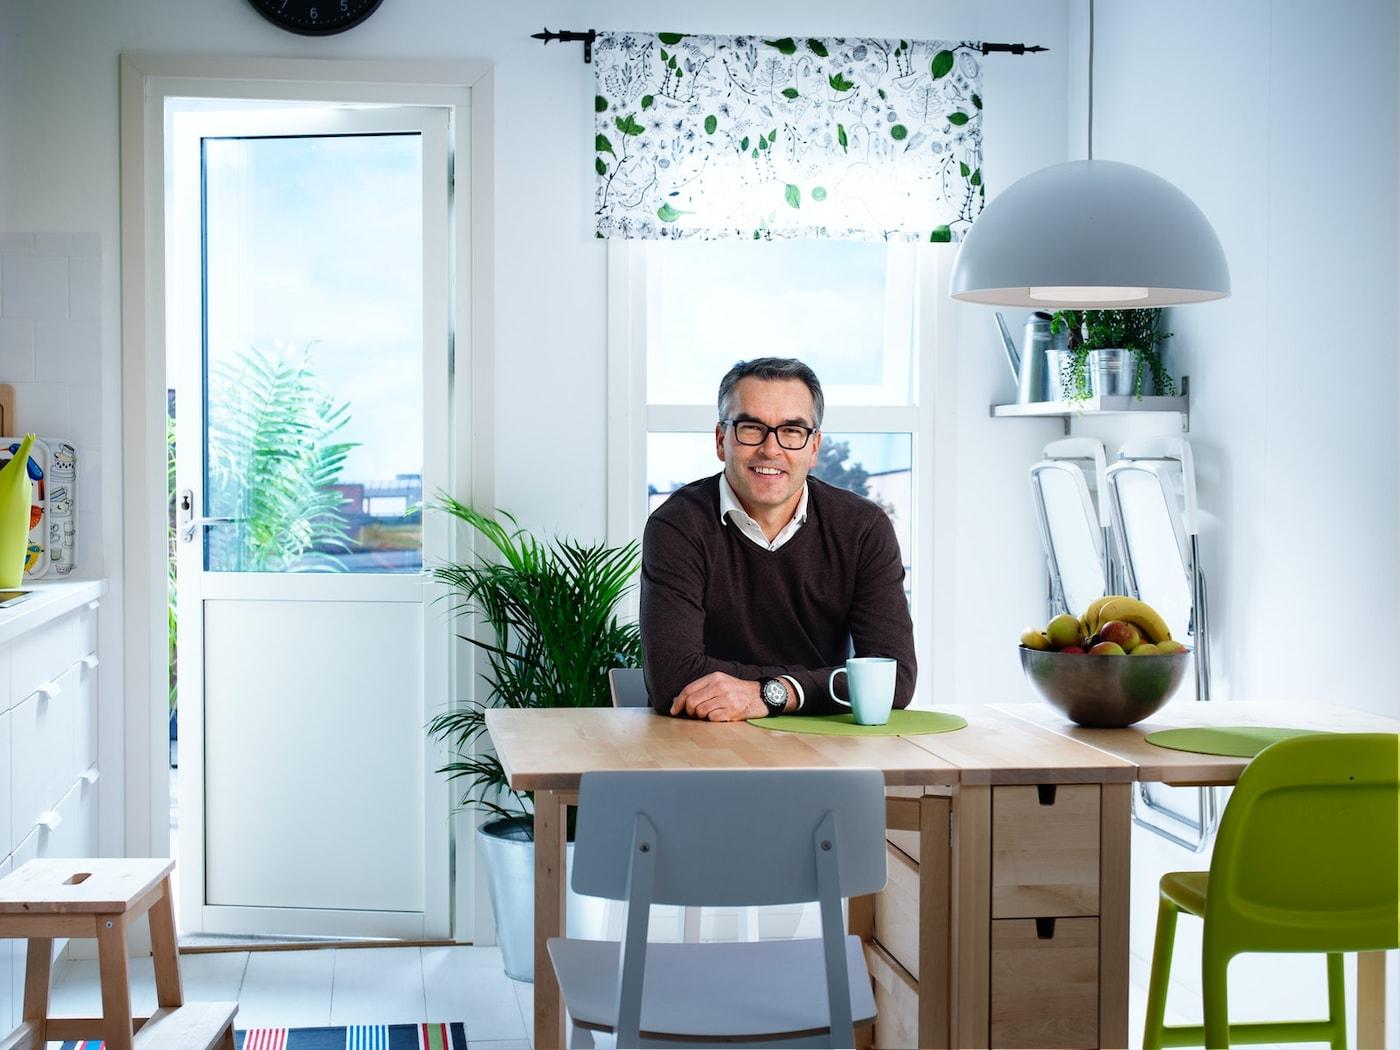 Mies istuu vaaleassa keittiössä kahvikupin äärellä.